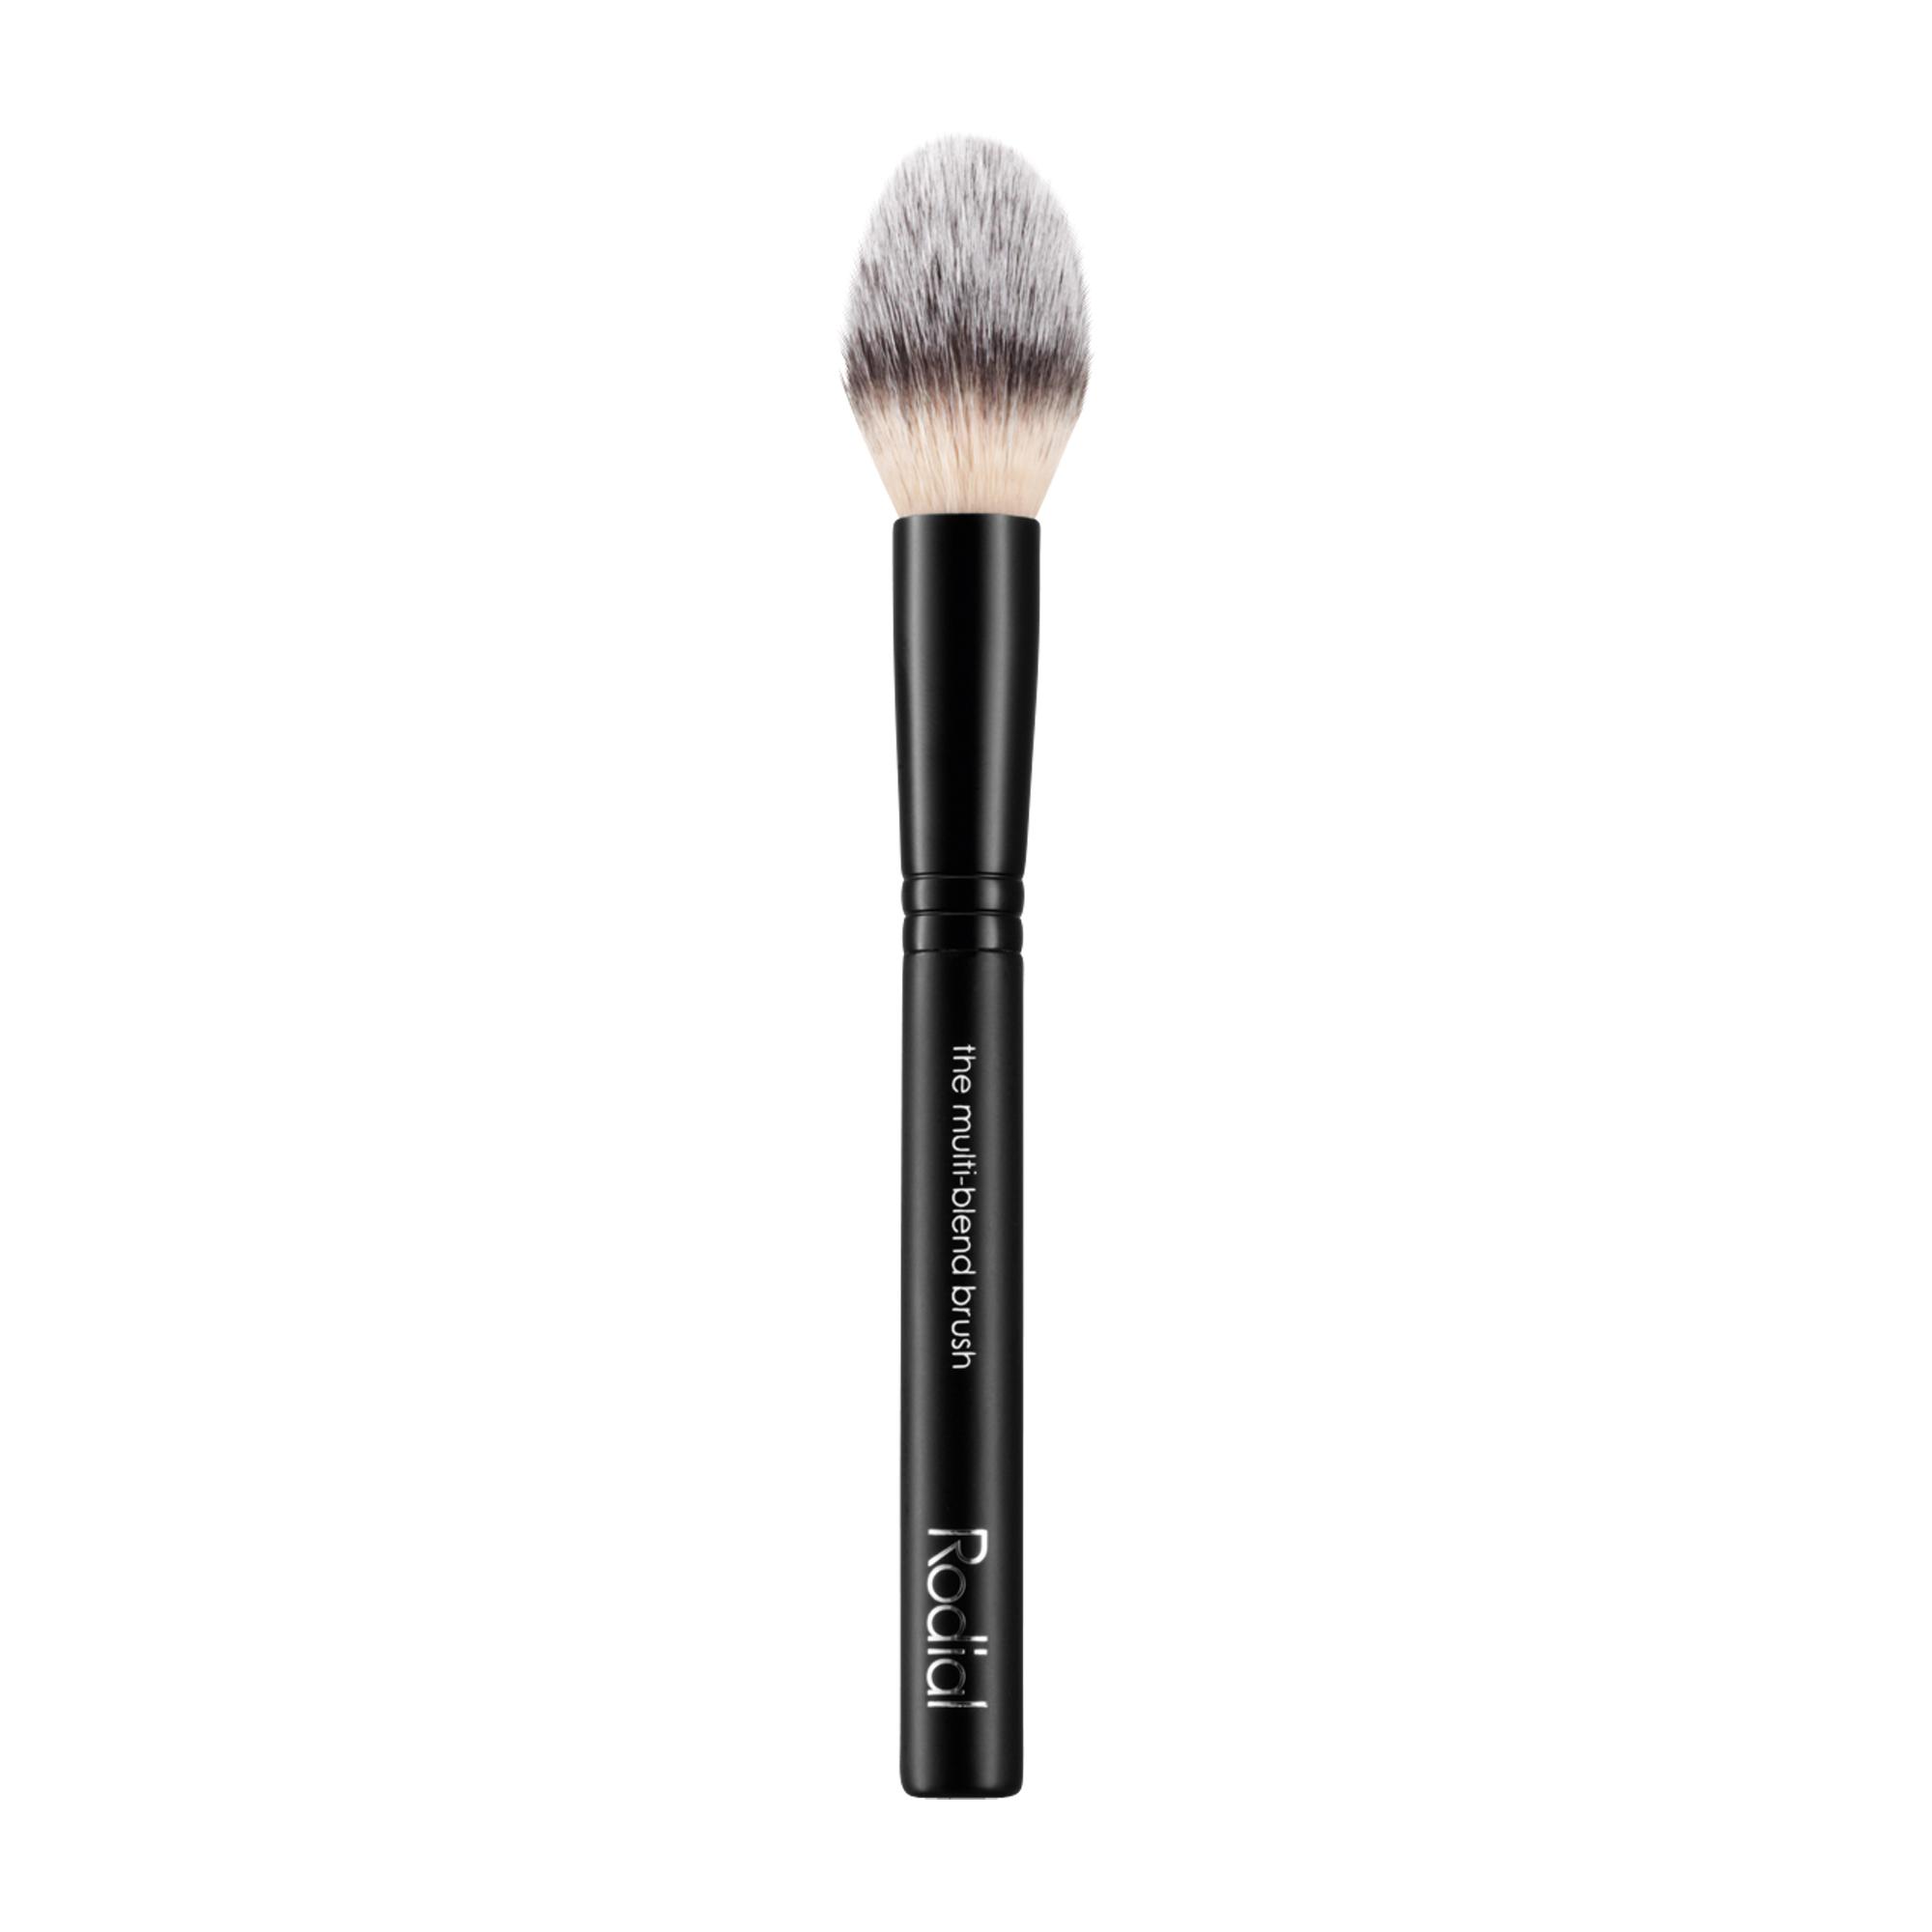 The Multi-Blend Makeup Brush The Multi-blend Makeup Brush